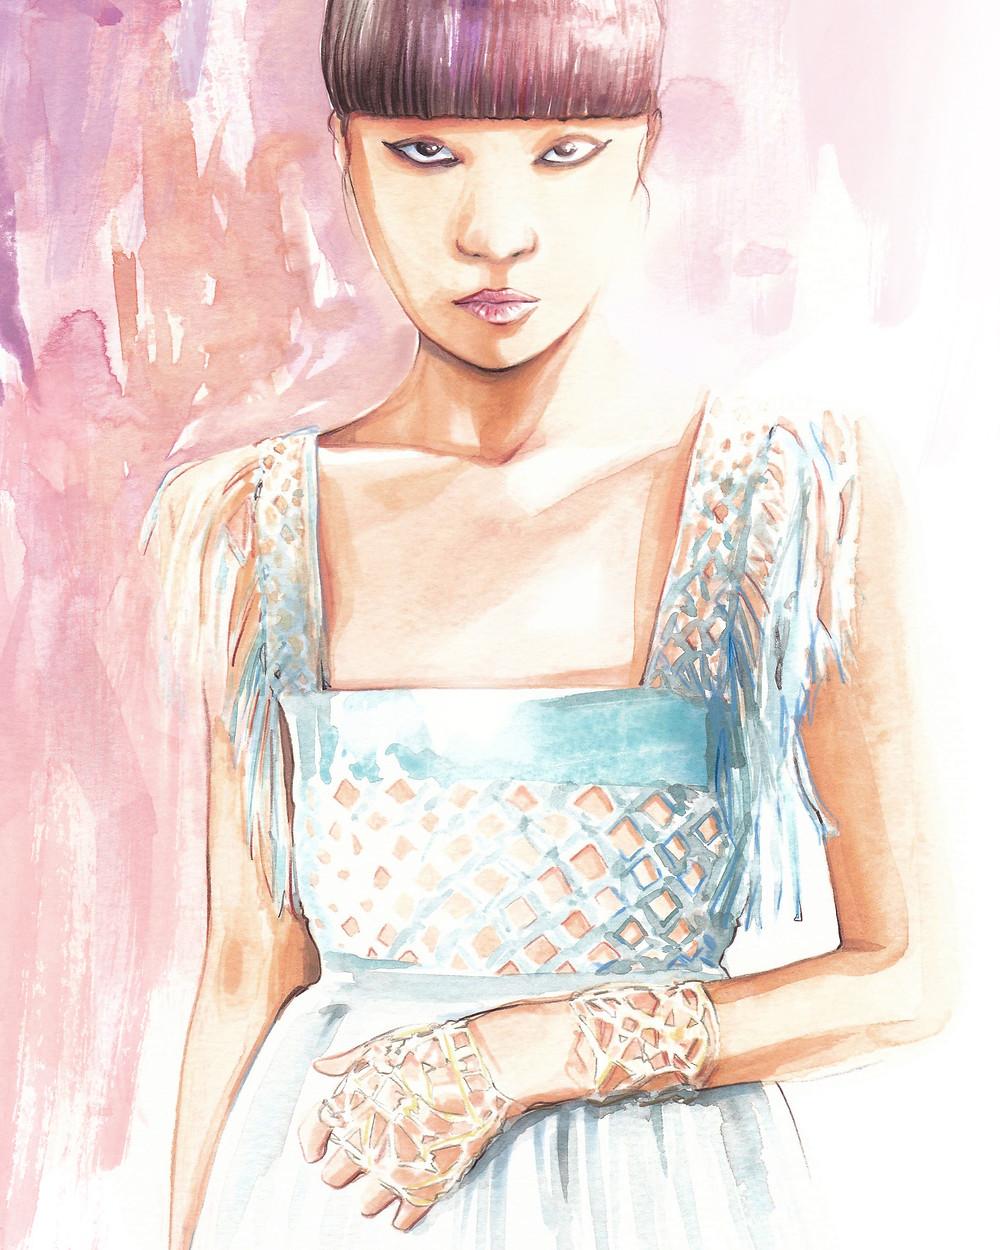 Maira Grazia Chiuri's Christian Dior New Haute Couture collection